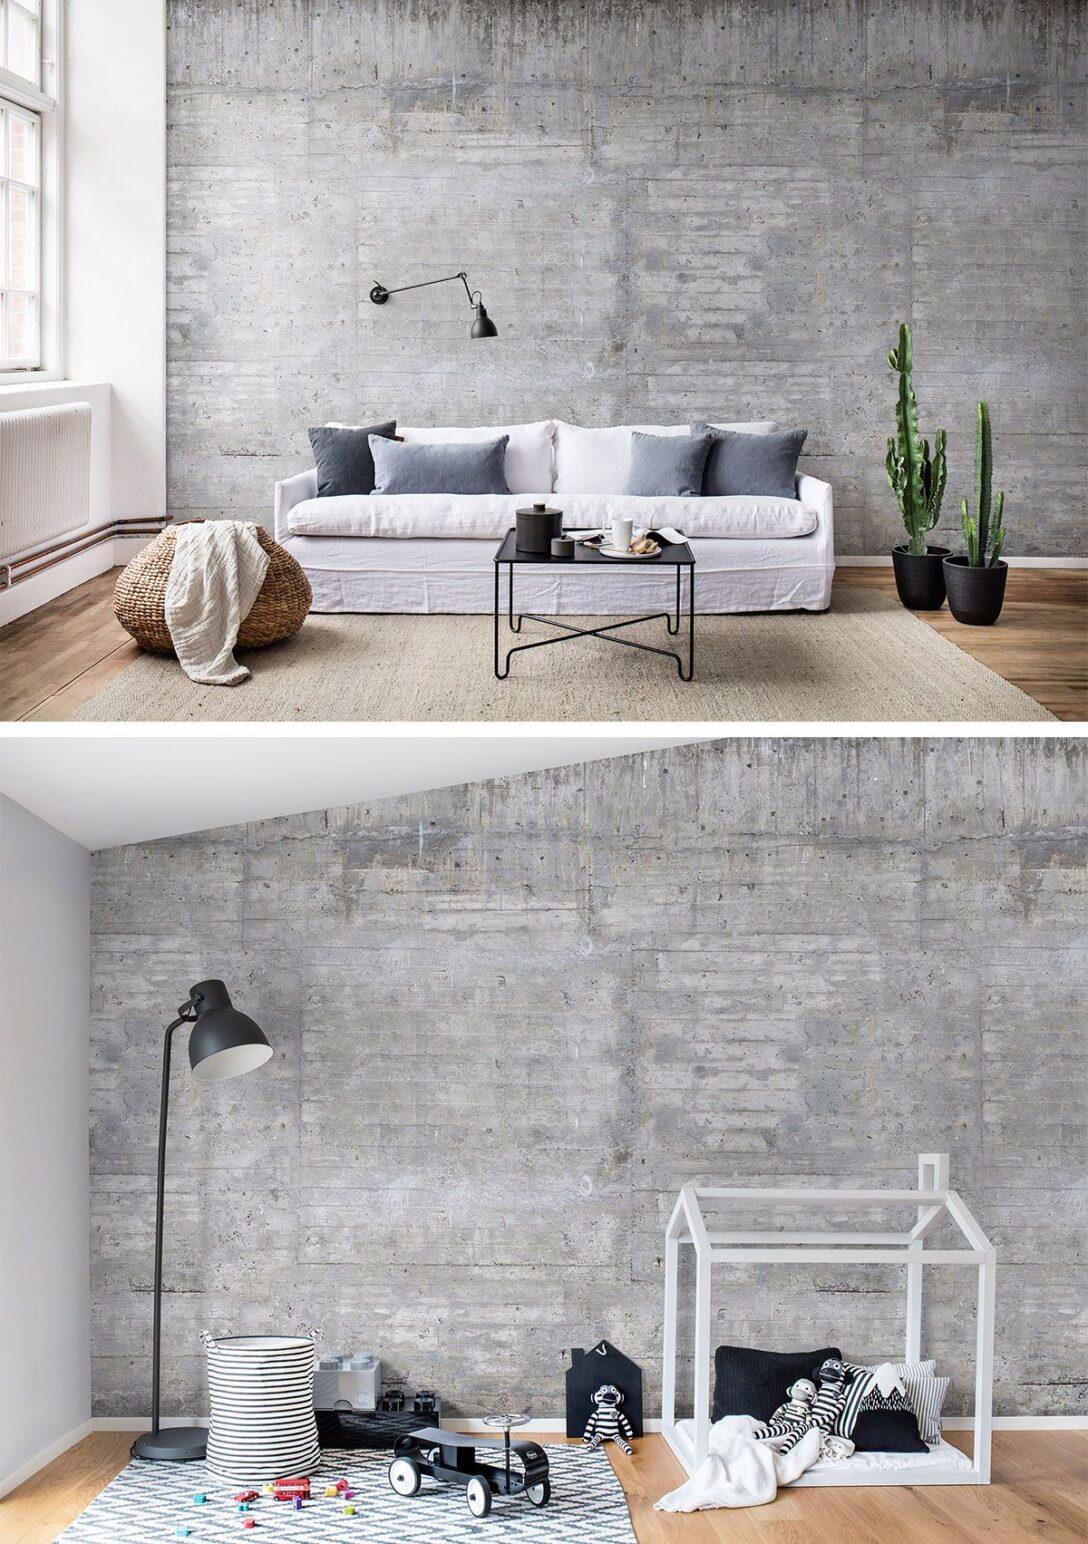 Large Size of Tapeten Wohnzimmer Wooden Concrete In 2020 Wandgestaltung Tapete Komplett Board Schrankwand Sideboard Teppiche Wohnwand Wandtattoo Liege Indirekte Beleuchtung Wohnzimmer Tapeten Wohnzimmer